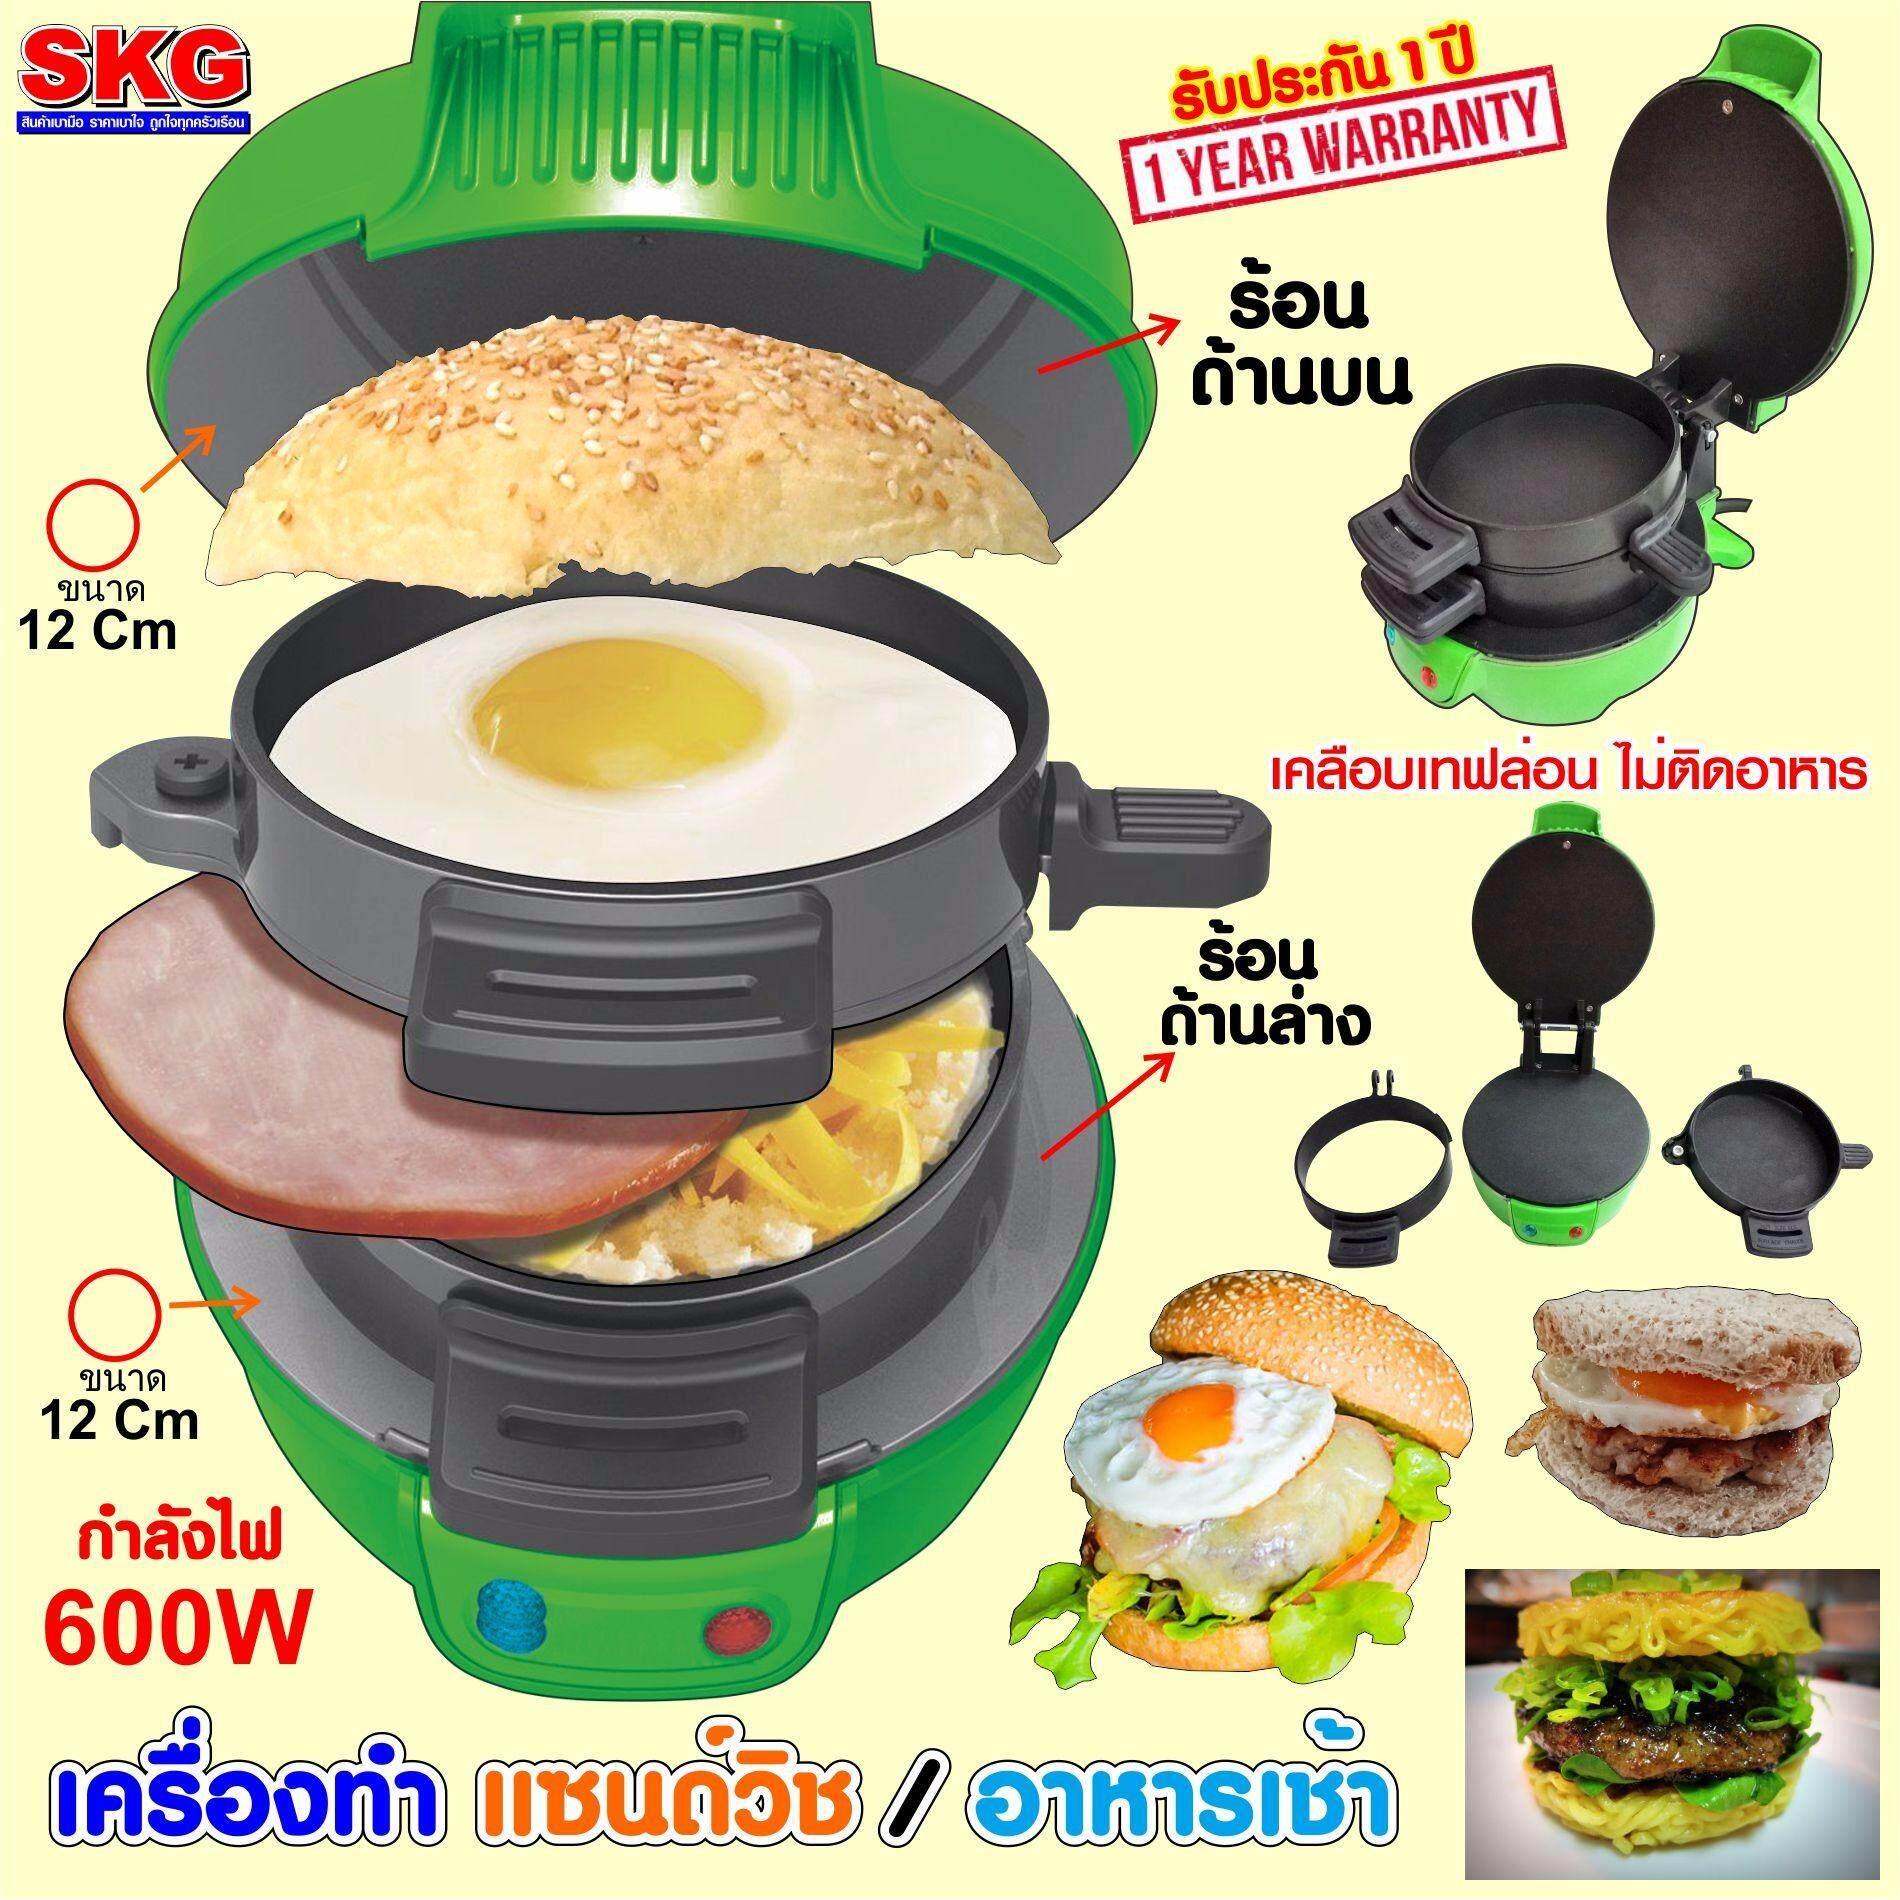 Skg เครื่องทำแซนด์วิช ทำอาหารเช้า รุ่น Xh 1313 สีเขียว เป็นต้นฉบับ